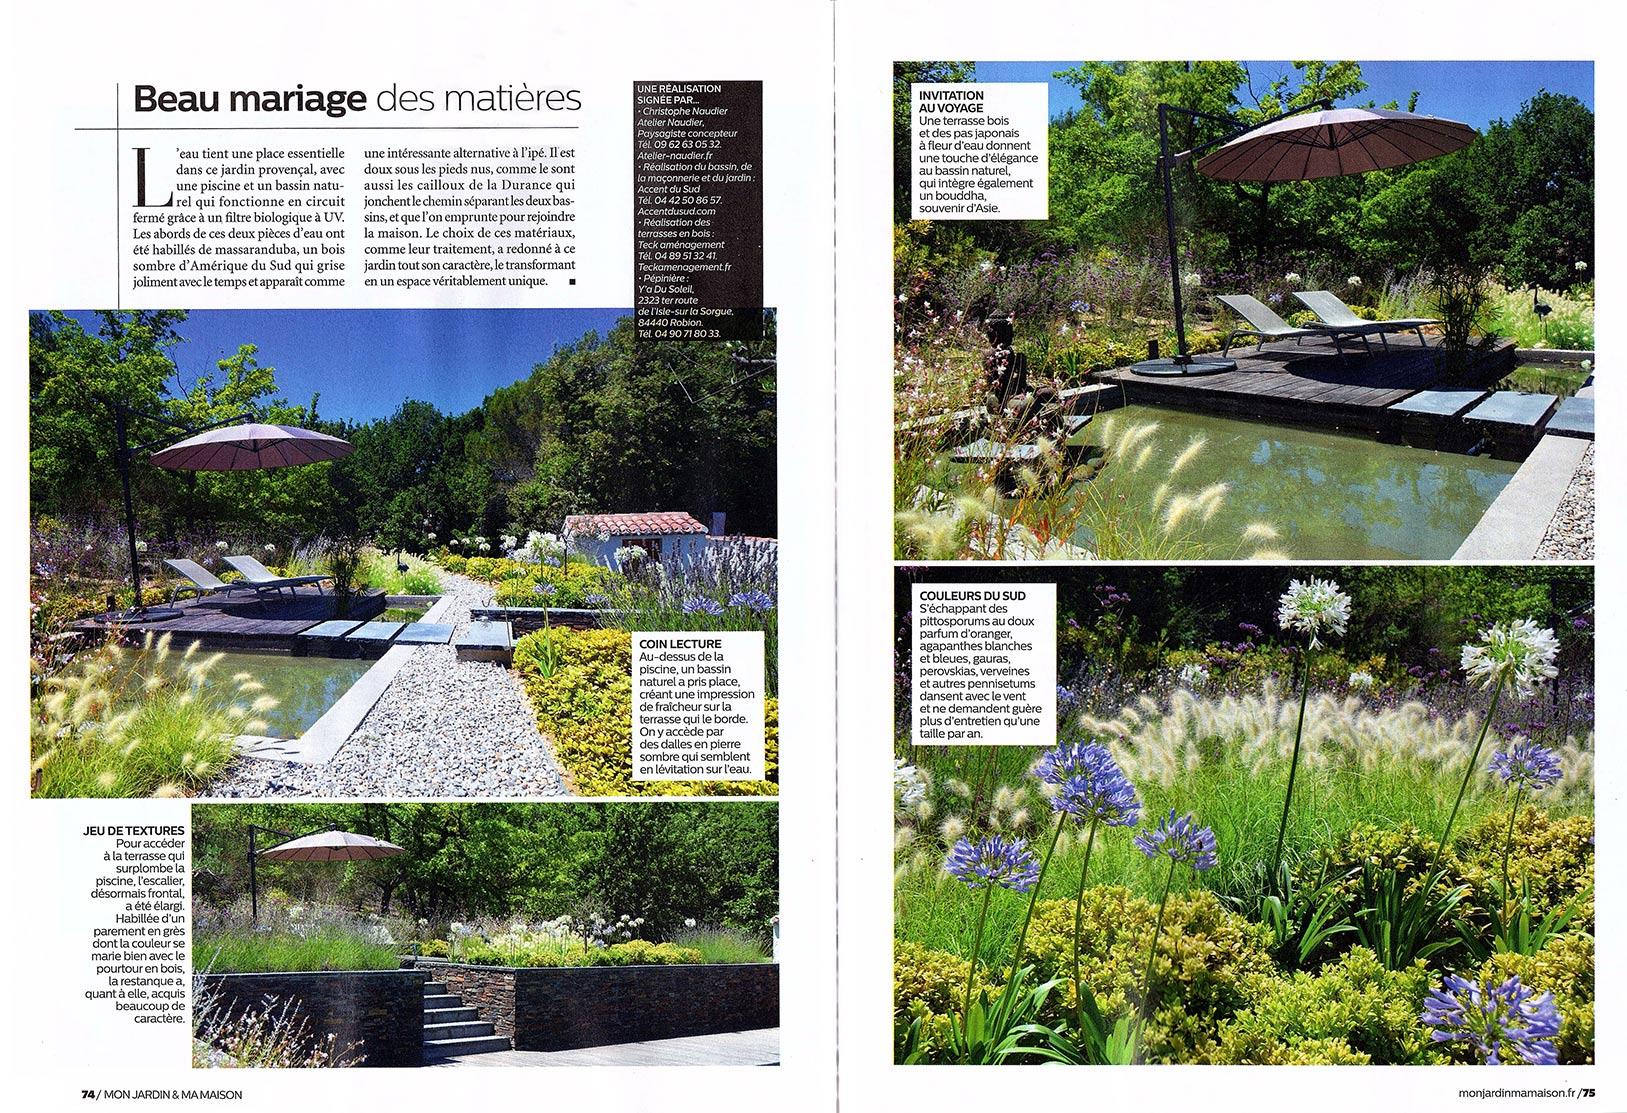 Atelier Naudier - Architecte paysagiste concepteur - Montpellier & Aix-en-Provence - Mon jardin & ma maison - Page 1 - aménagement jardin